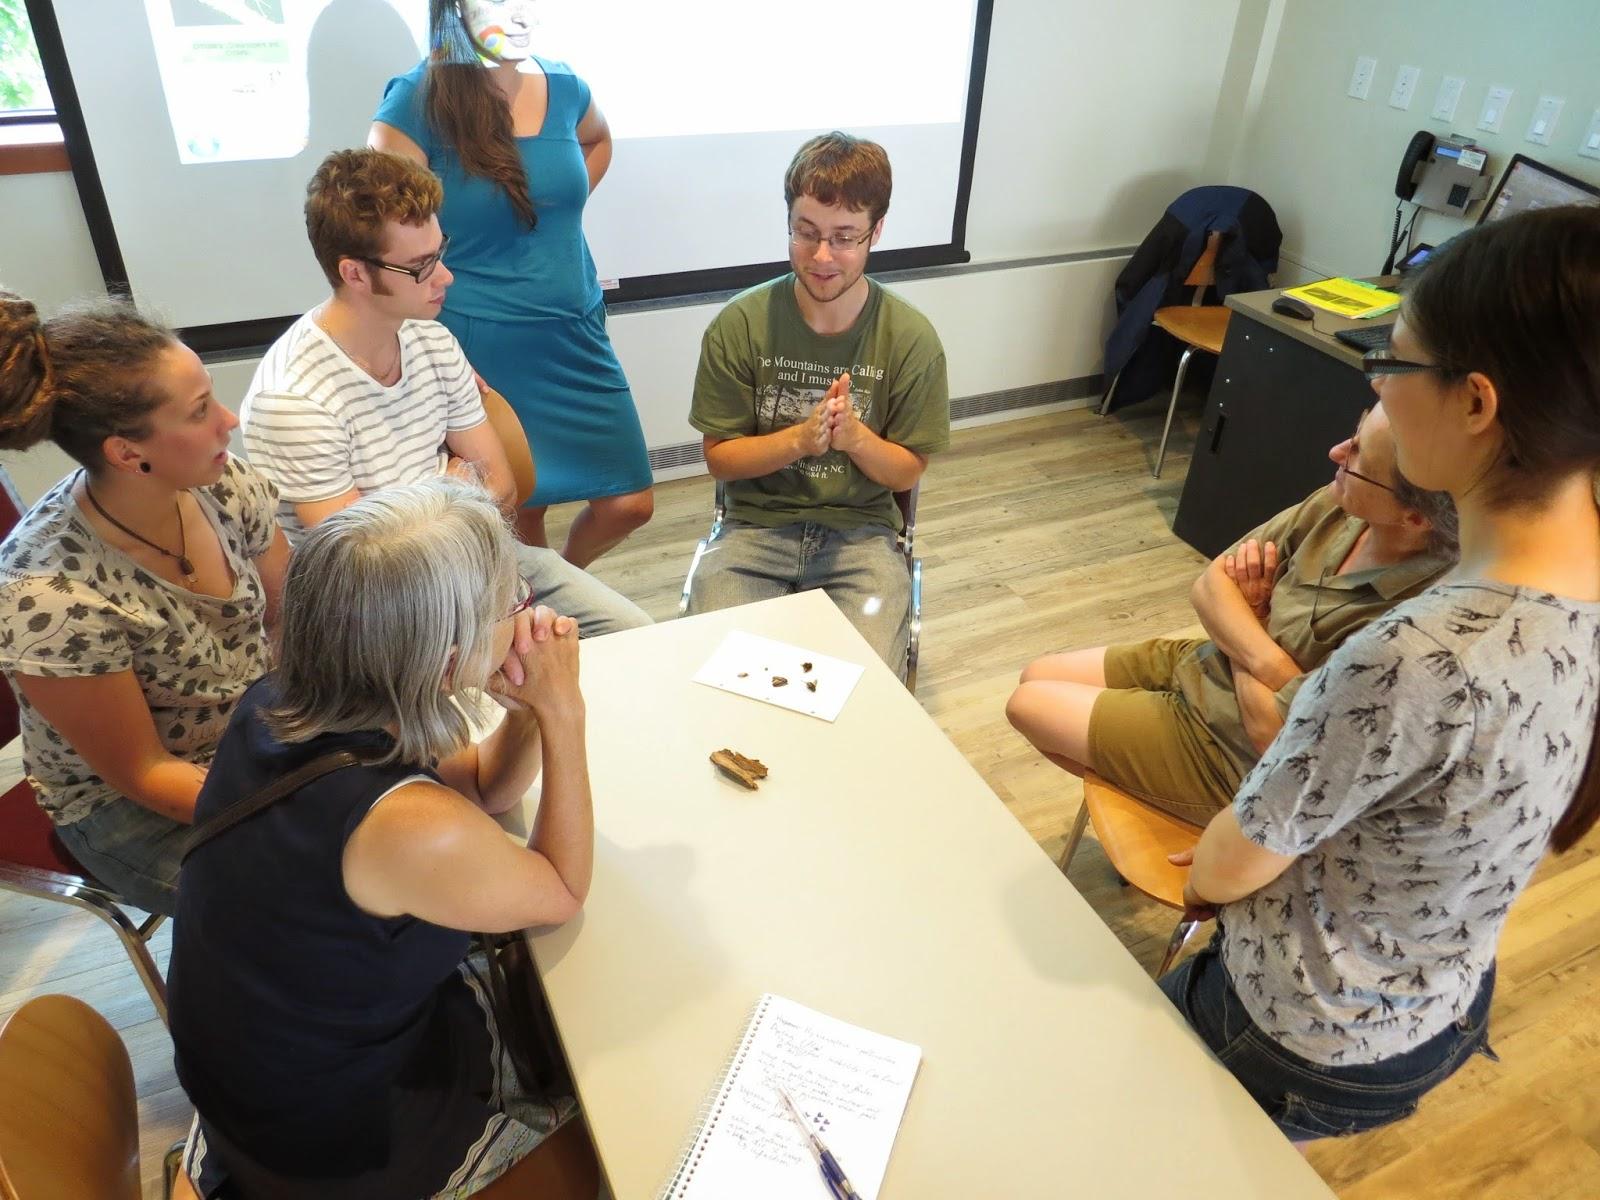 Un groupe d'étudiants participe à un atelier sur les insectes que l'on trouve dans les jardins communautaires